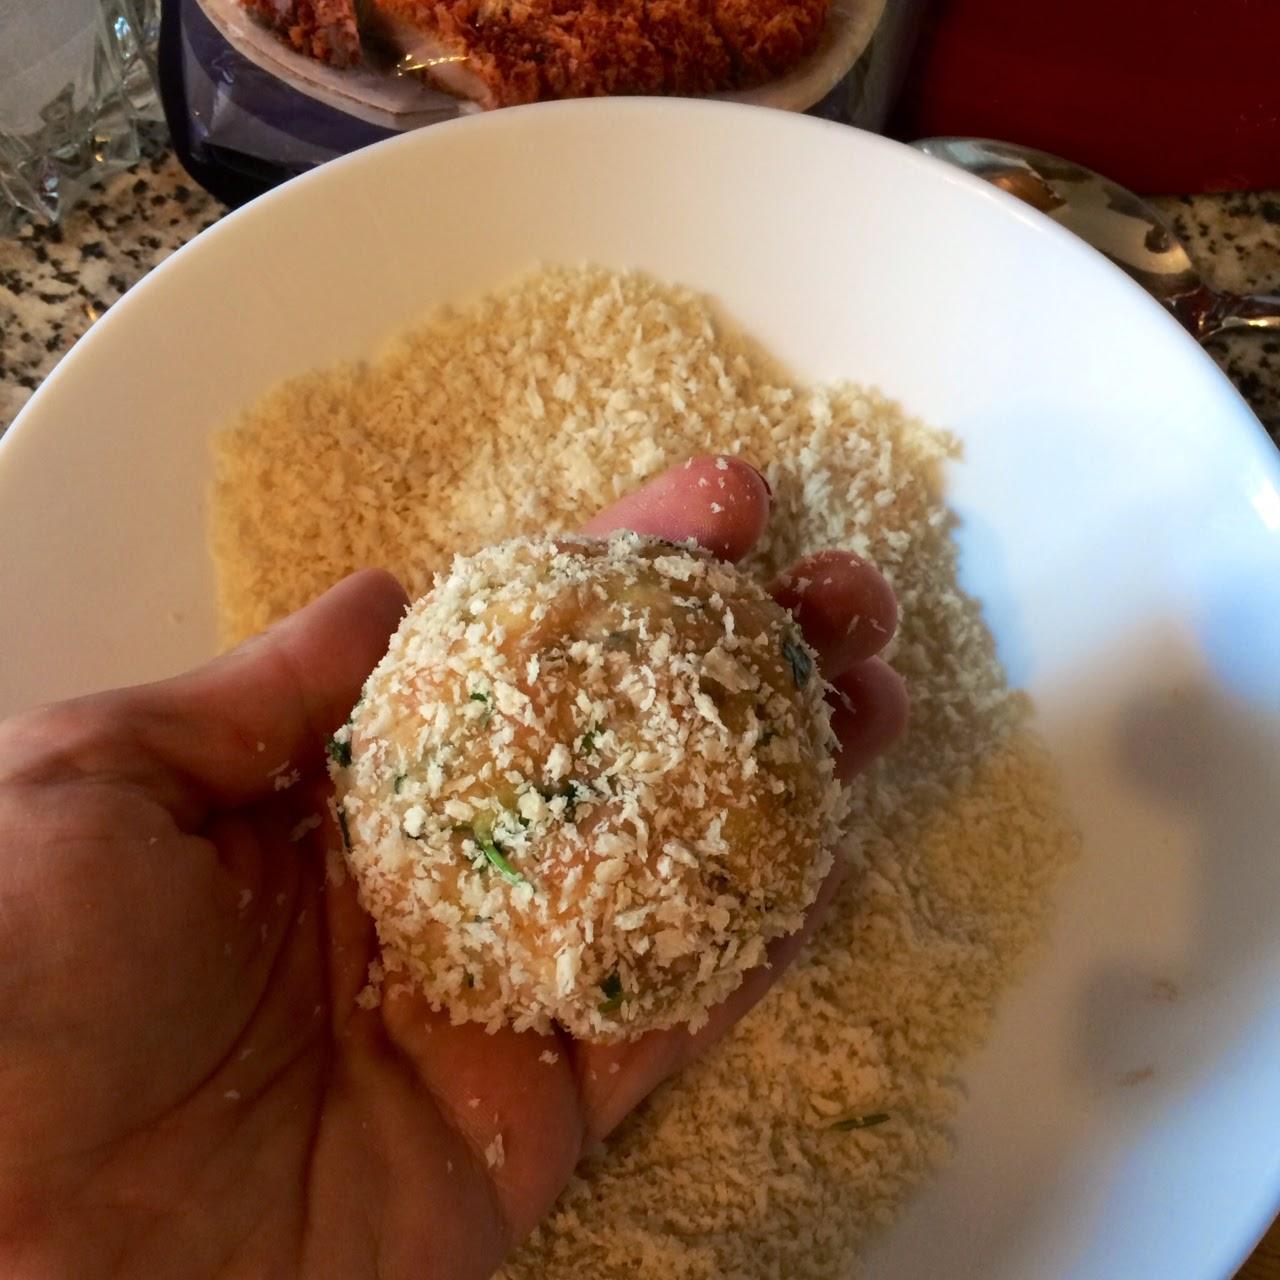 Рыбные котлетки из кеты с кукурузой и имбирем в хрустящей панировке Panko